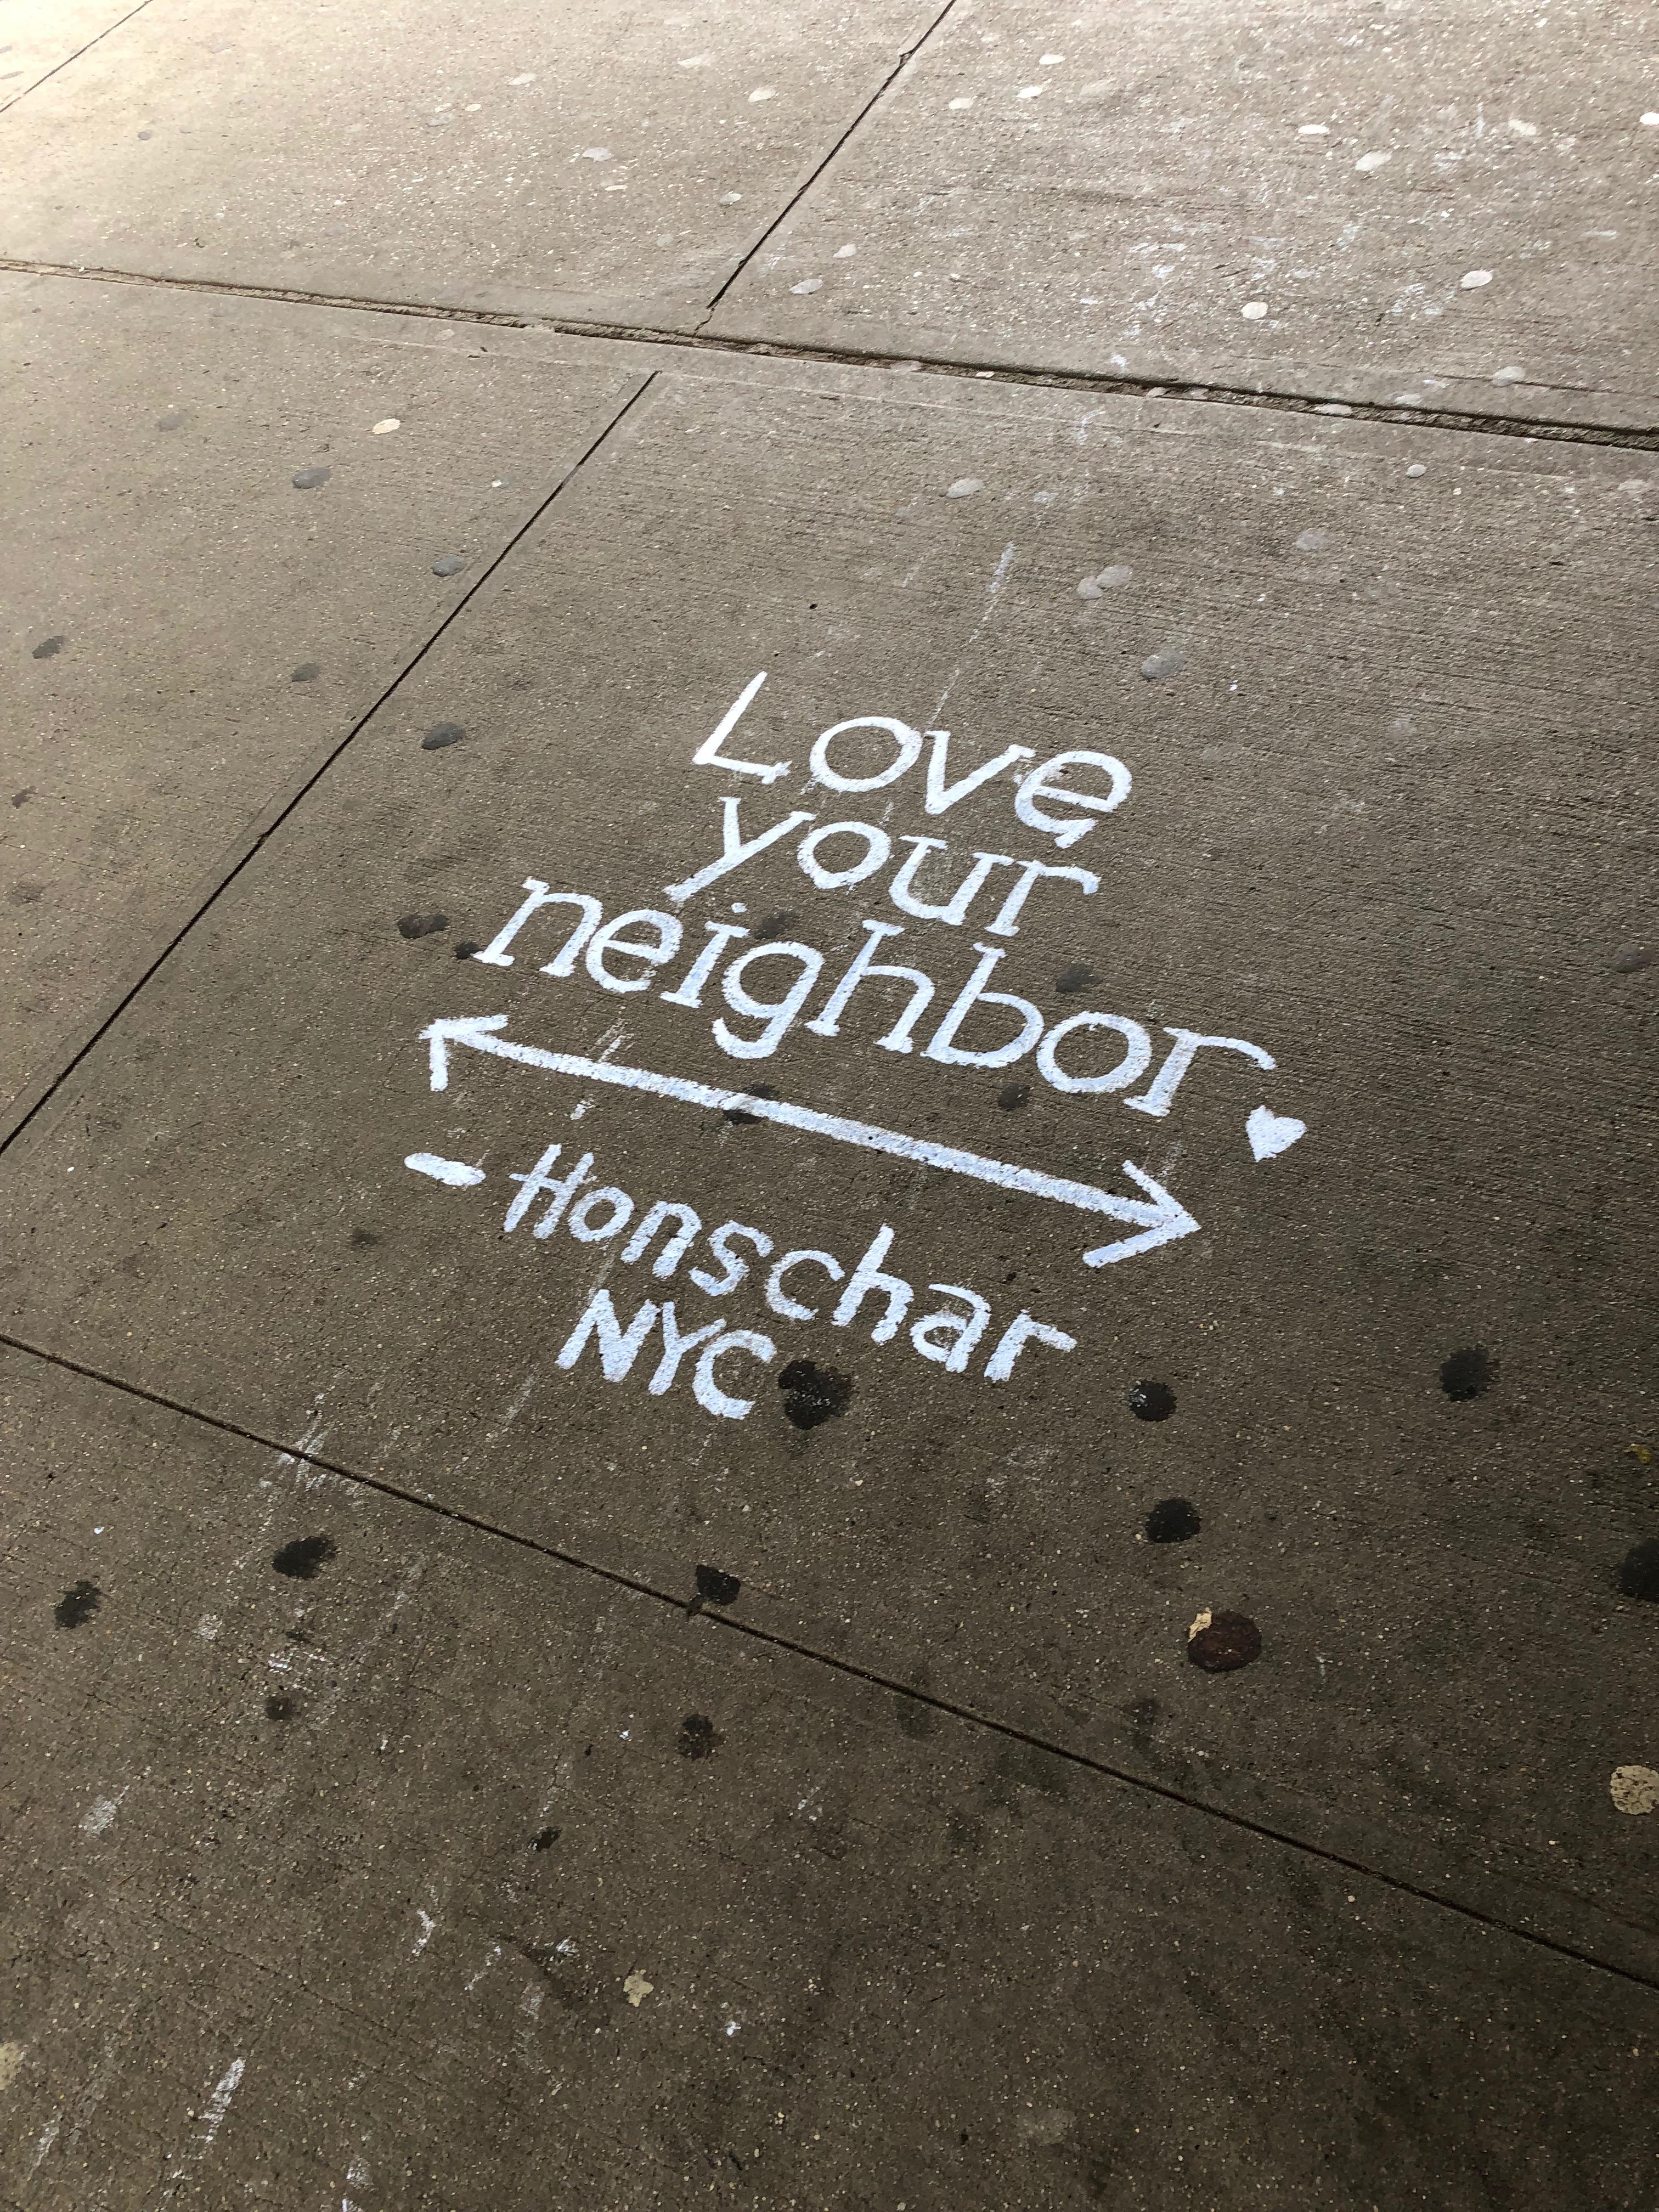 081319-NYC-sidewalk-wisdom